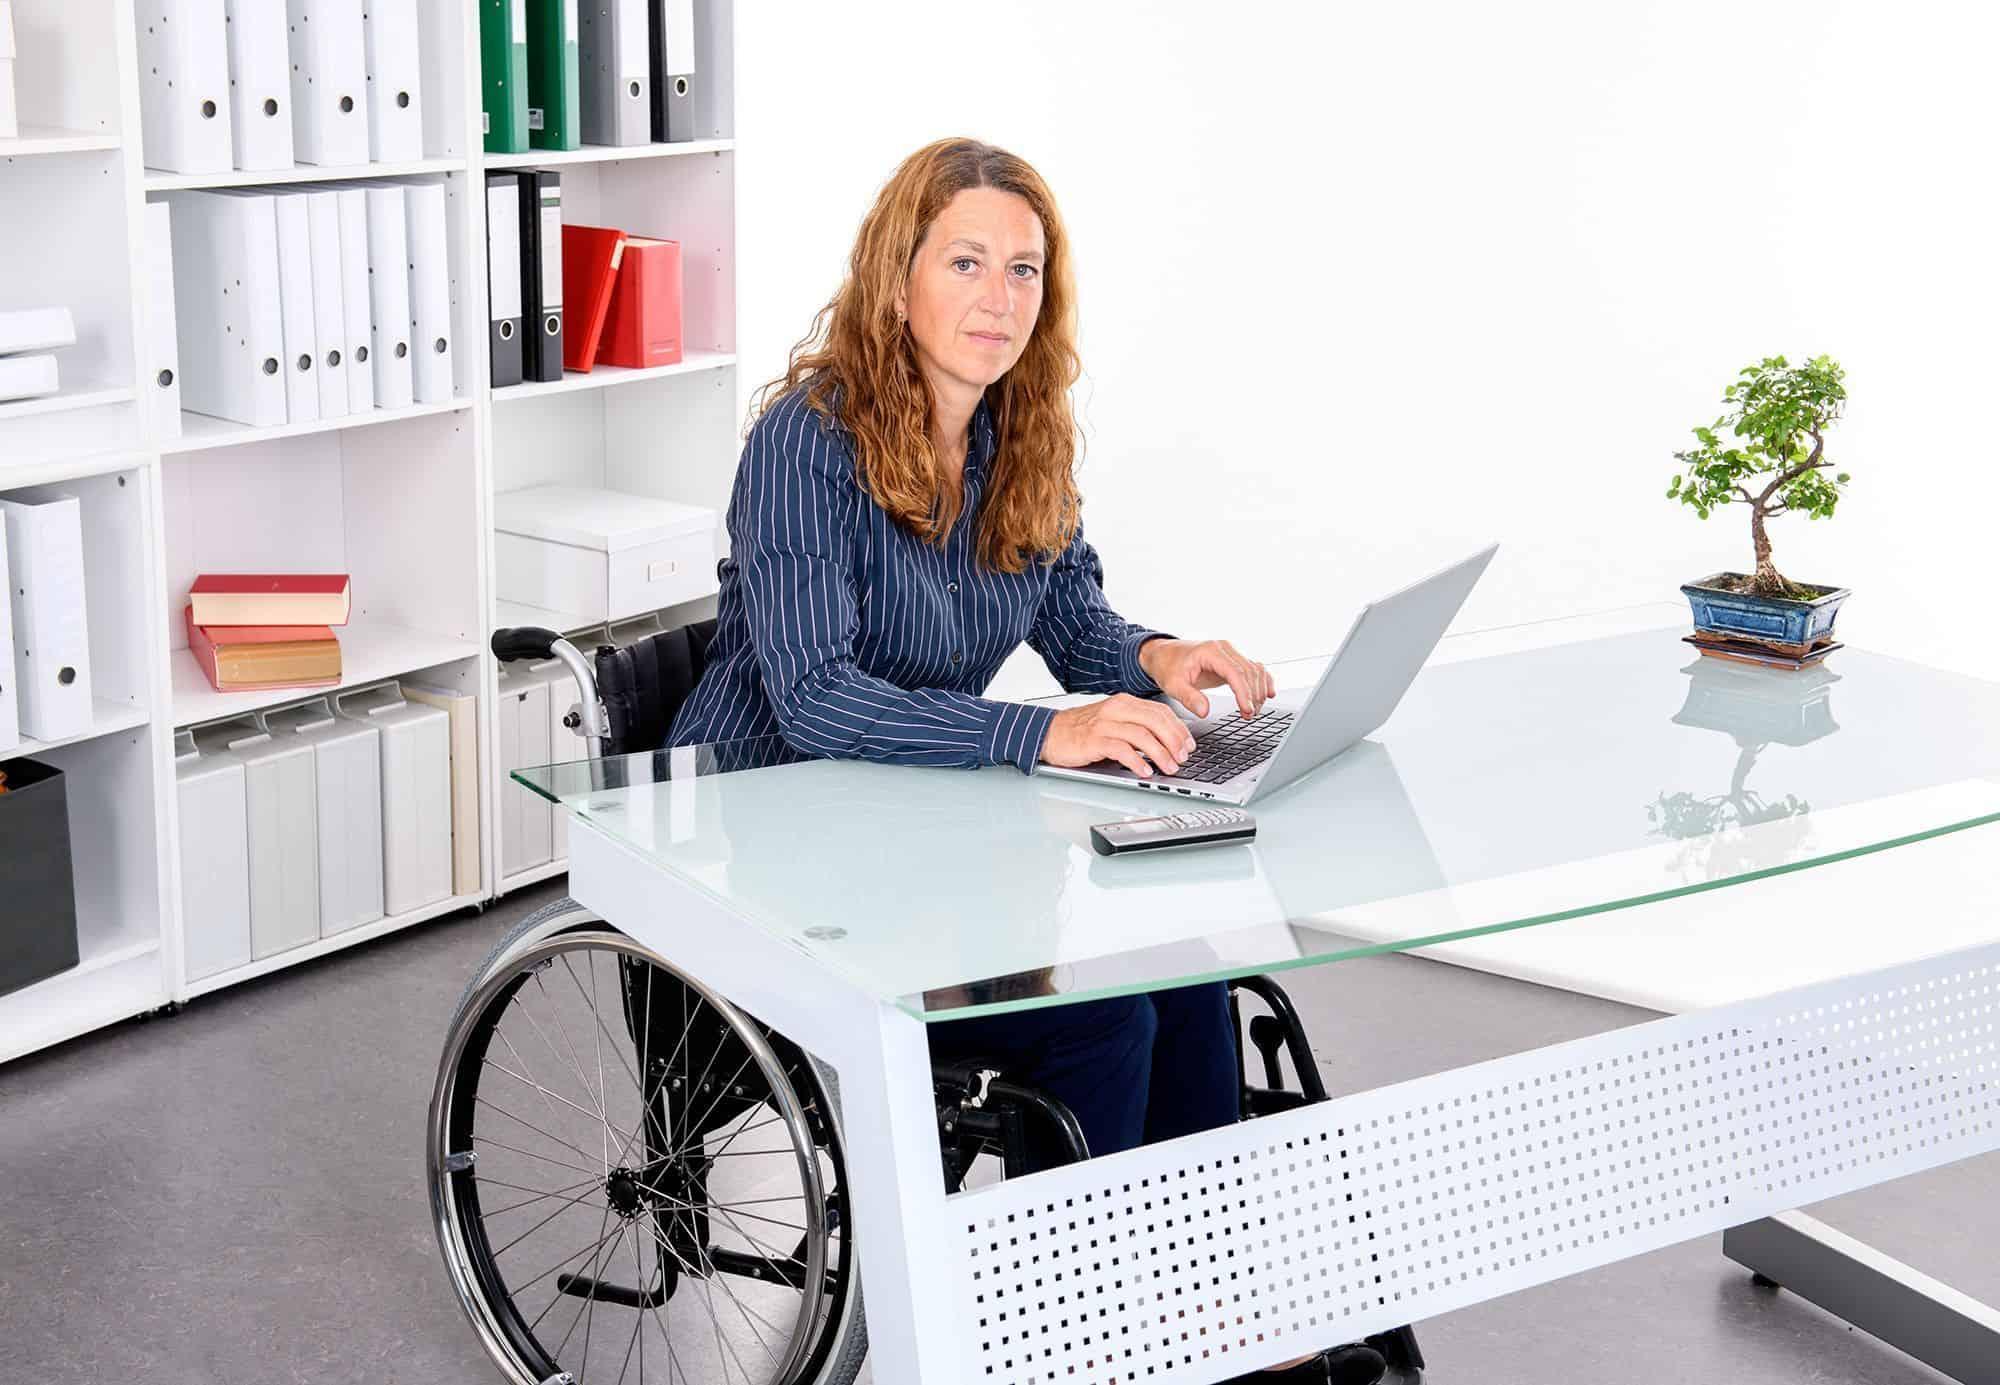 Mujer en silla de ruedas trabajando | BIGSTOCK